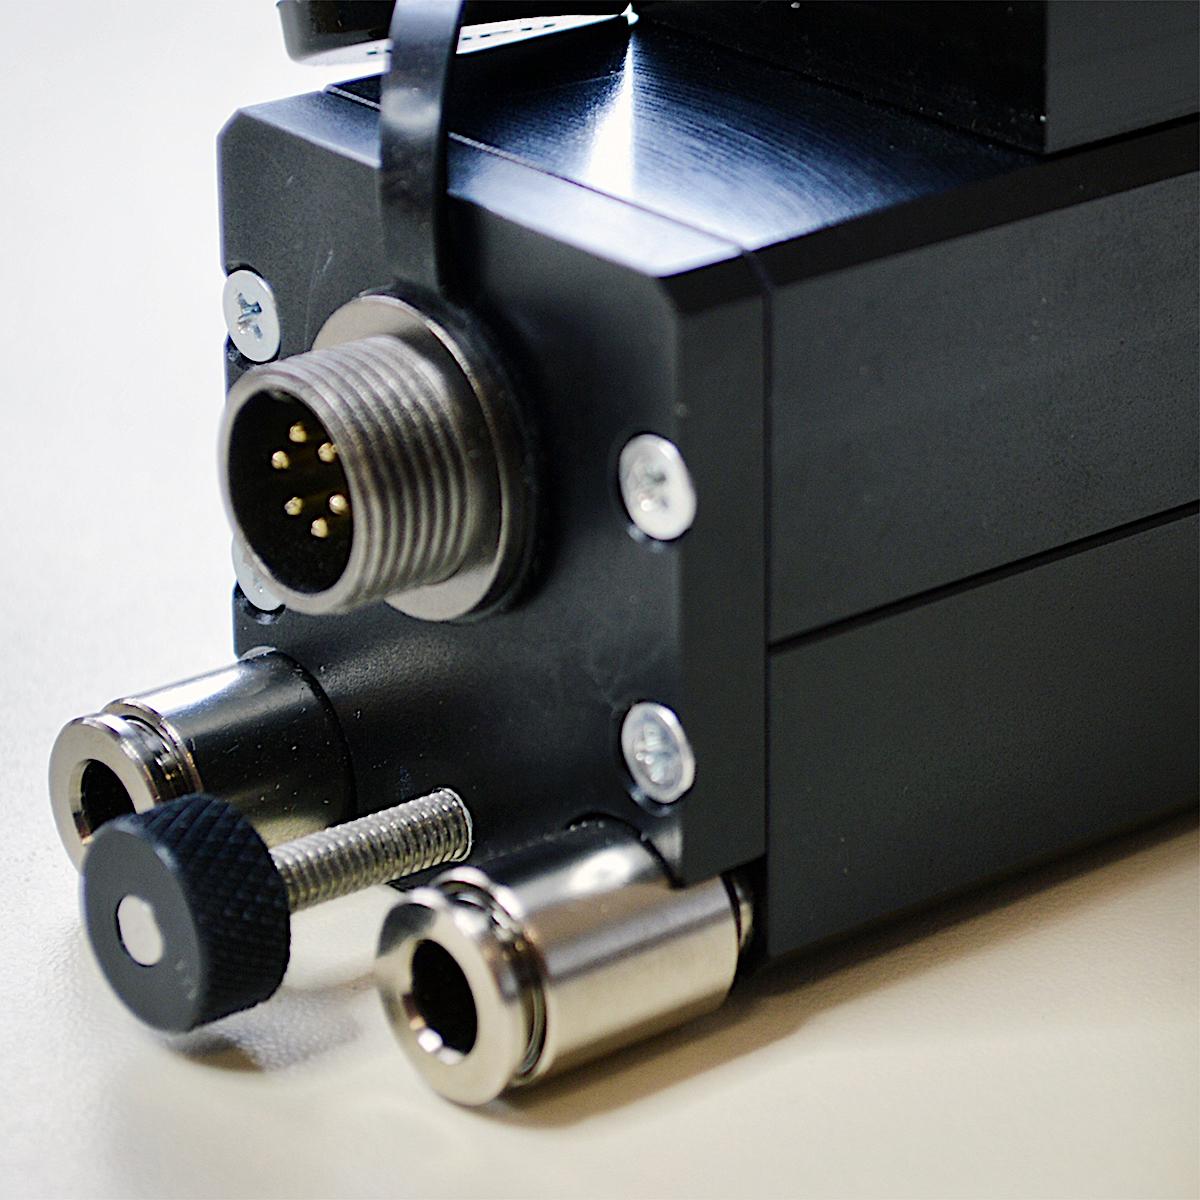 WVS-40 camera focus adjust